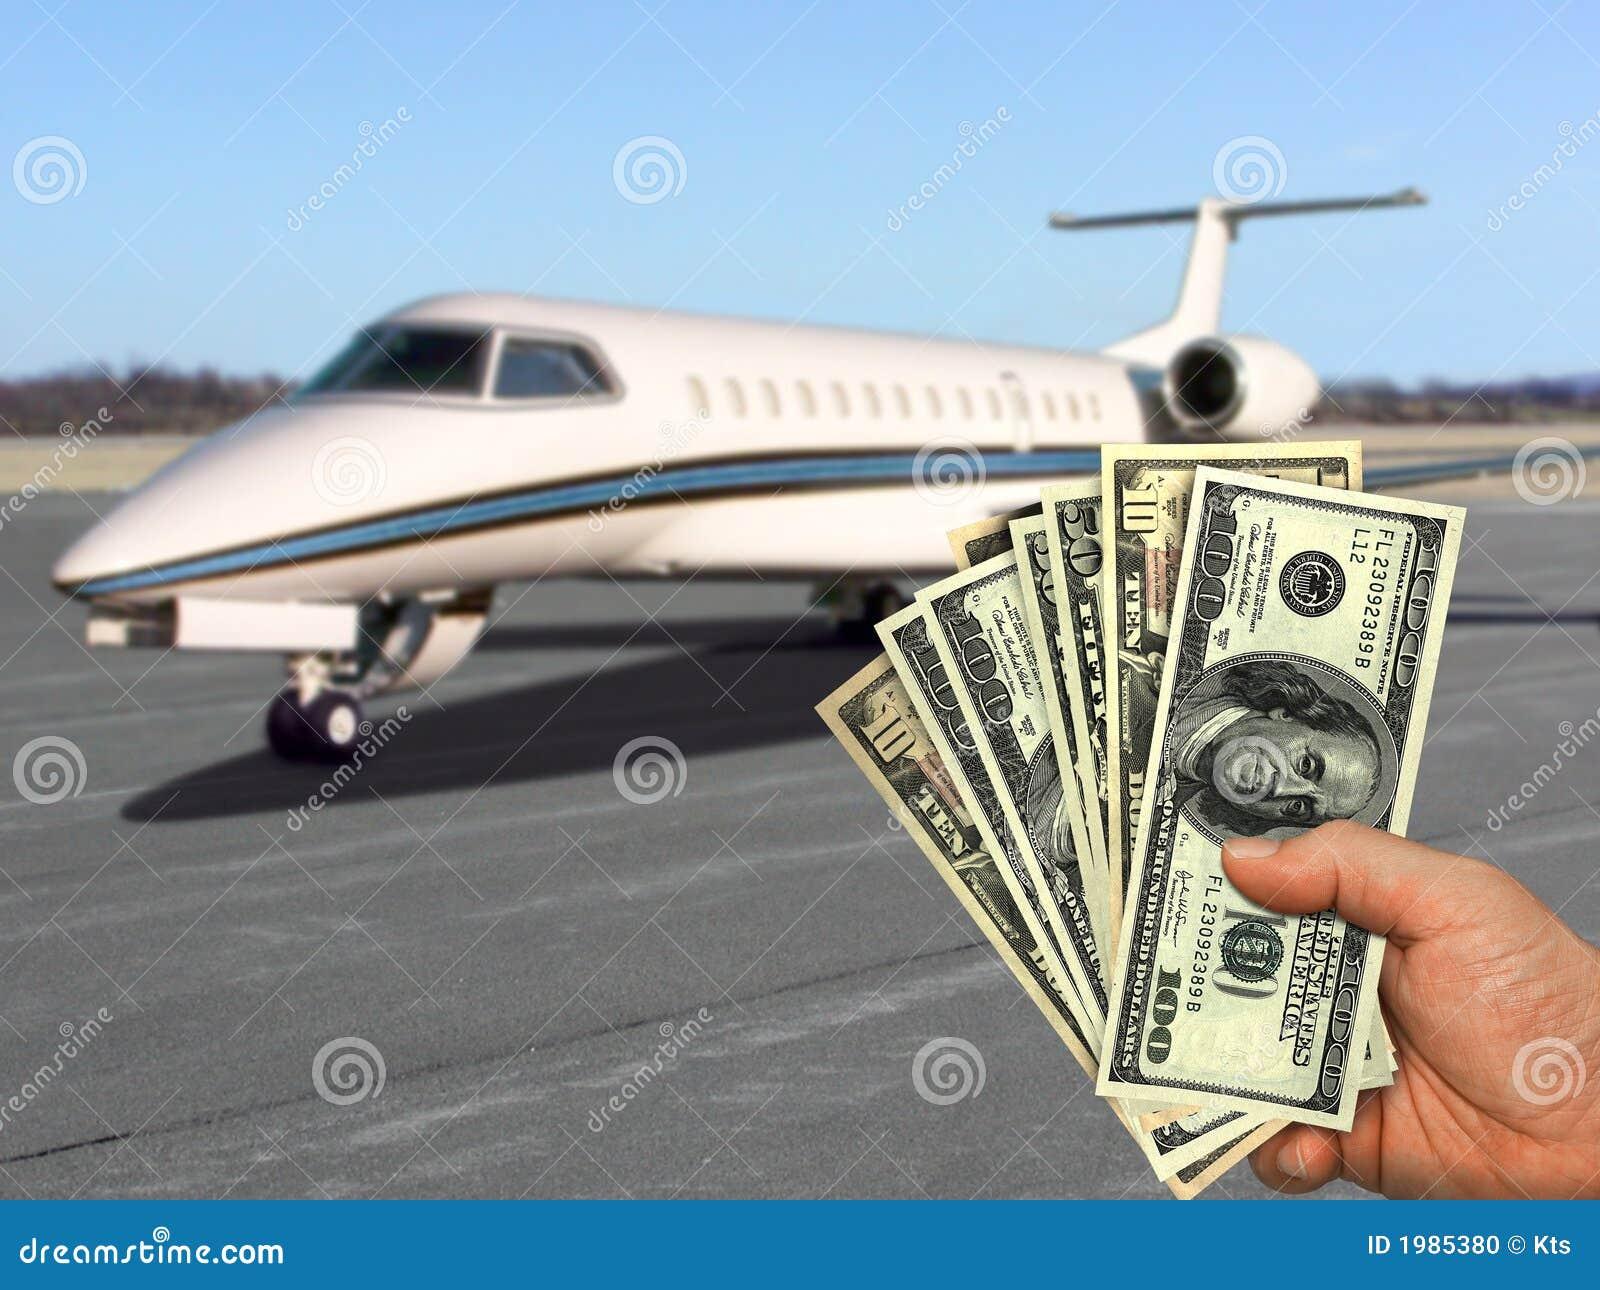 Su dinero, su sueño